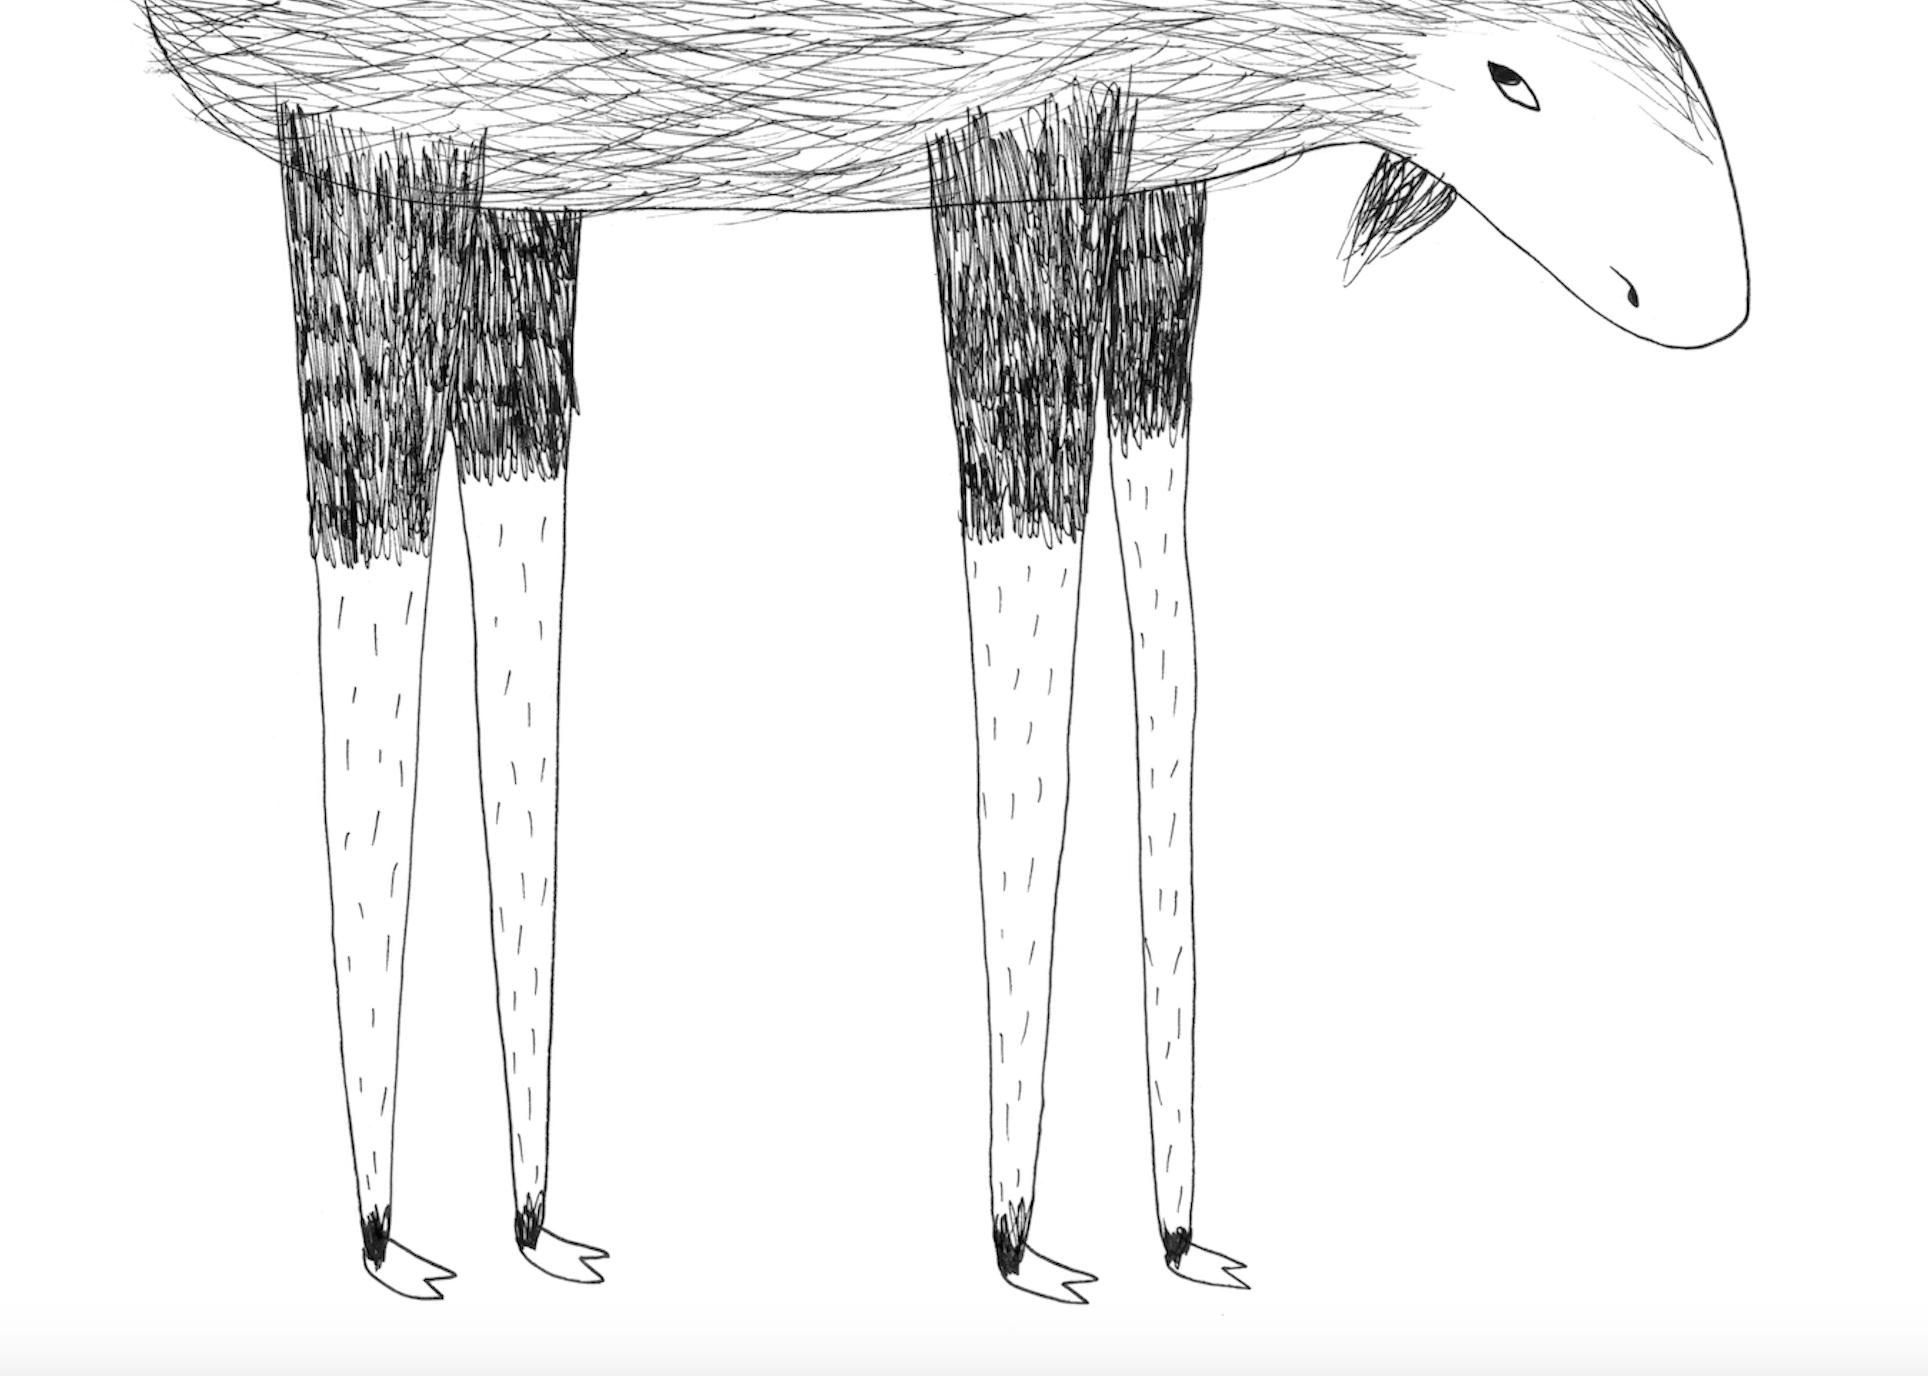 Copy of Questo è un alce?, Andrea Antinori, Corraini edizioni, 2015